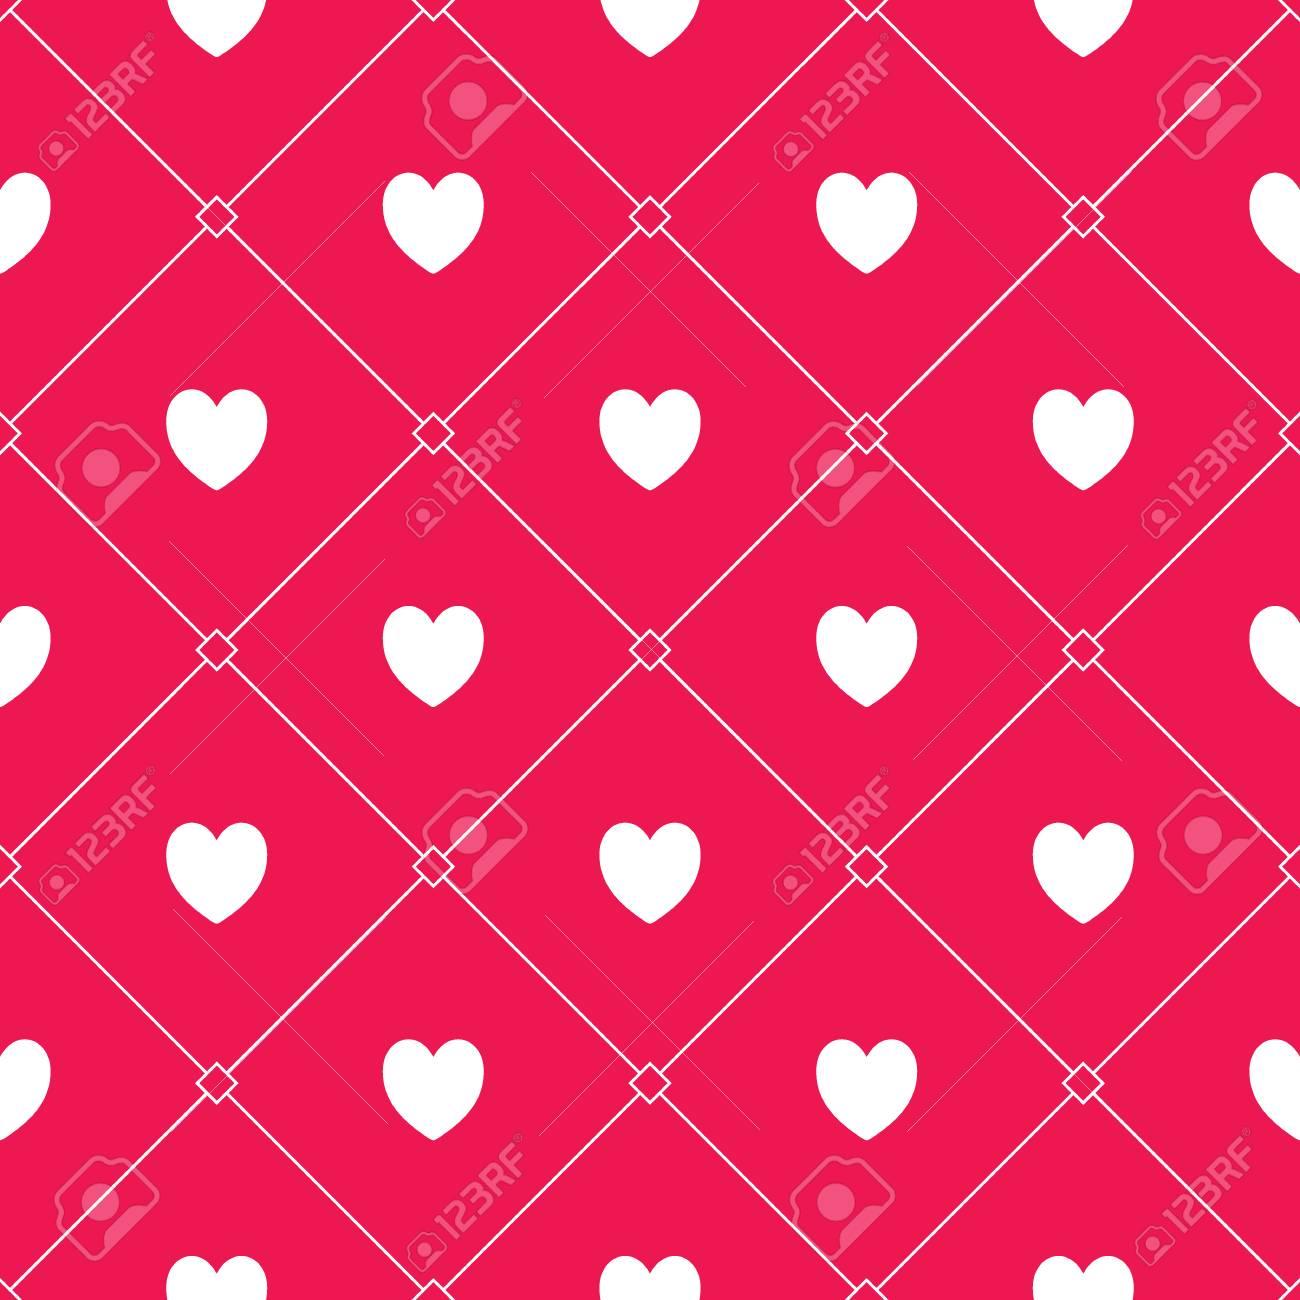 Seamless Coeurs Romantiques élément De Conception Pour Invitation De Mariage Cartes Valentines Day Fonds Décran Site Web Fond Invitation De